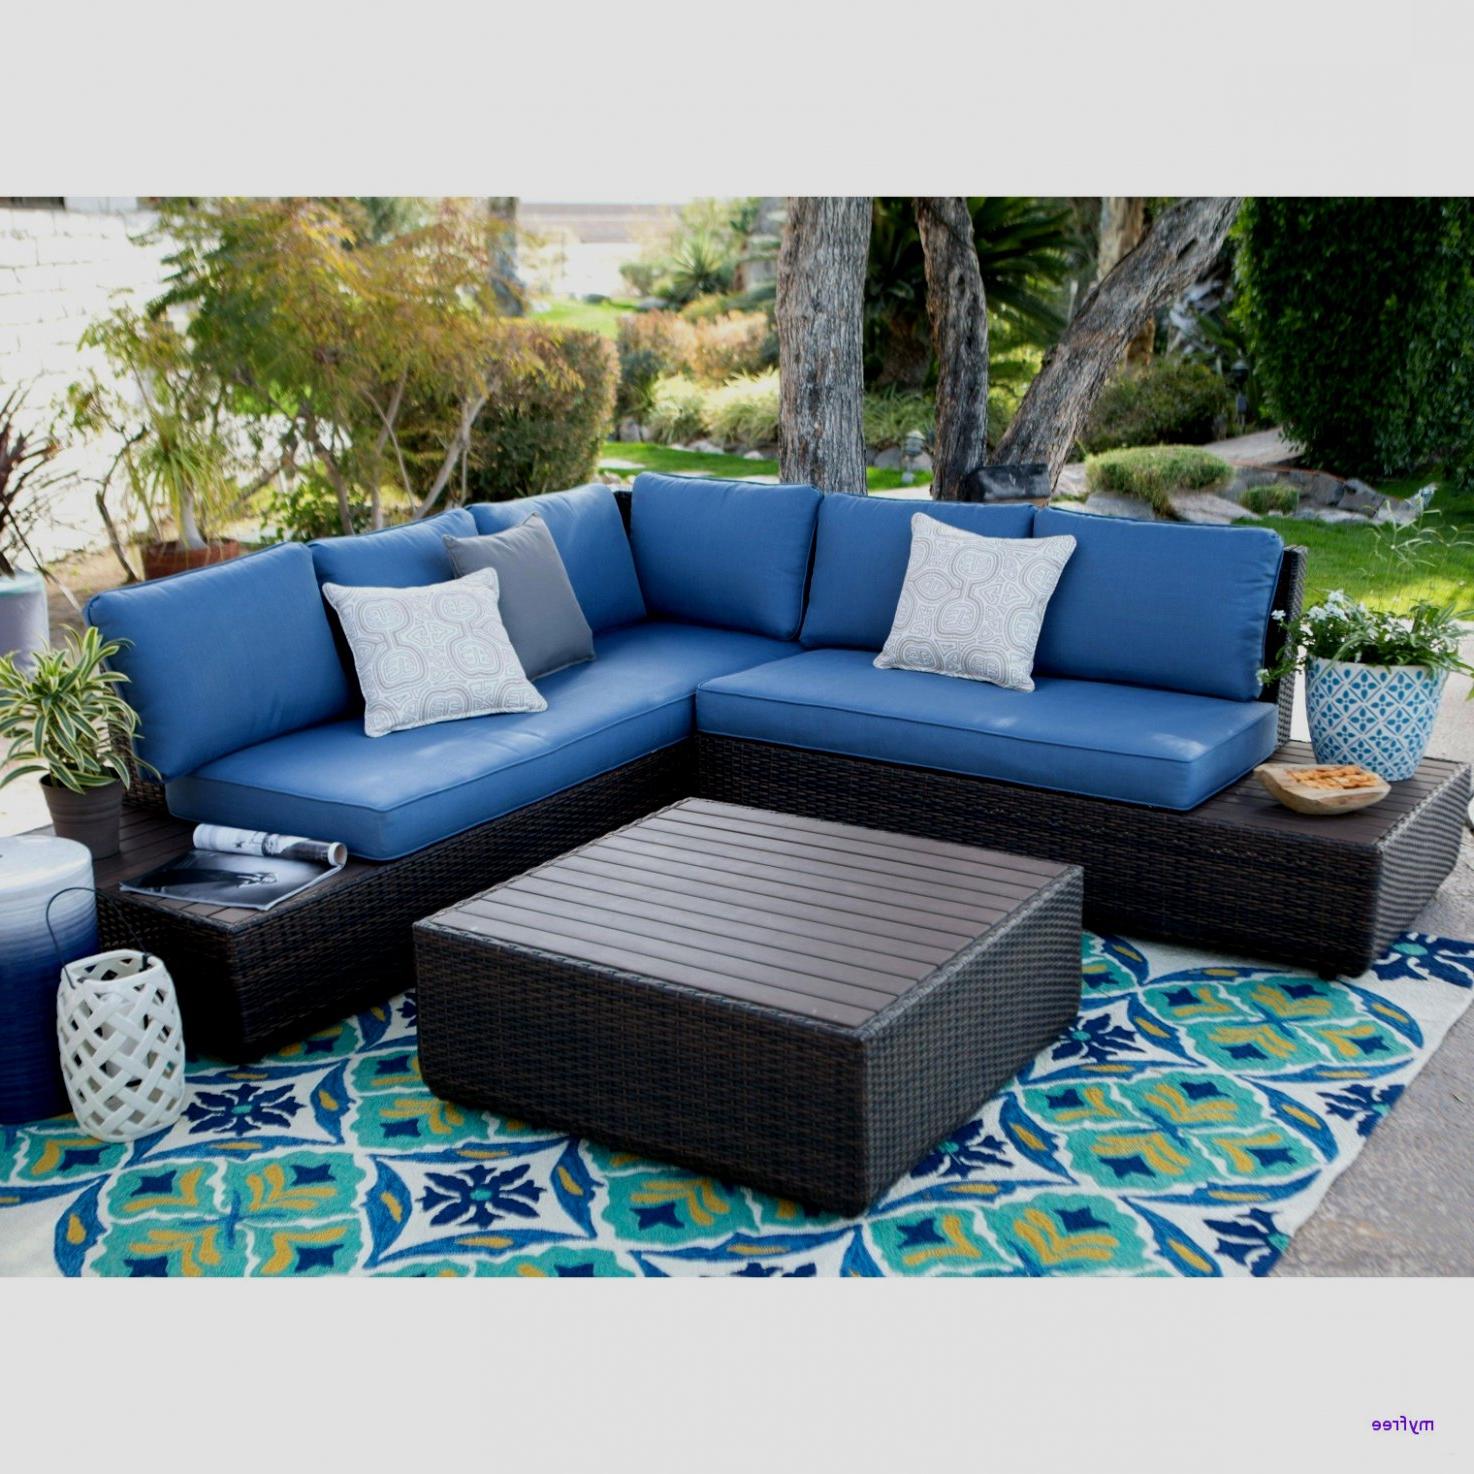 Sofas Modulares Ikea Thdr sofas Modulares Baratos Vaste sofa Chaise Longue Ikea Fresco